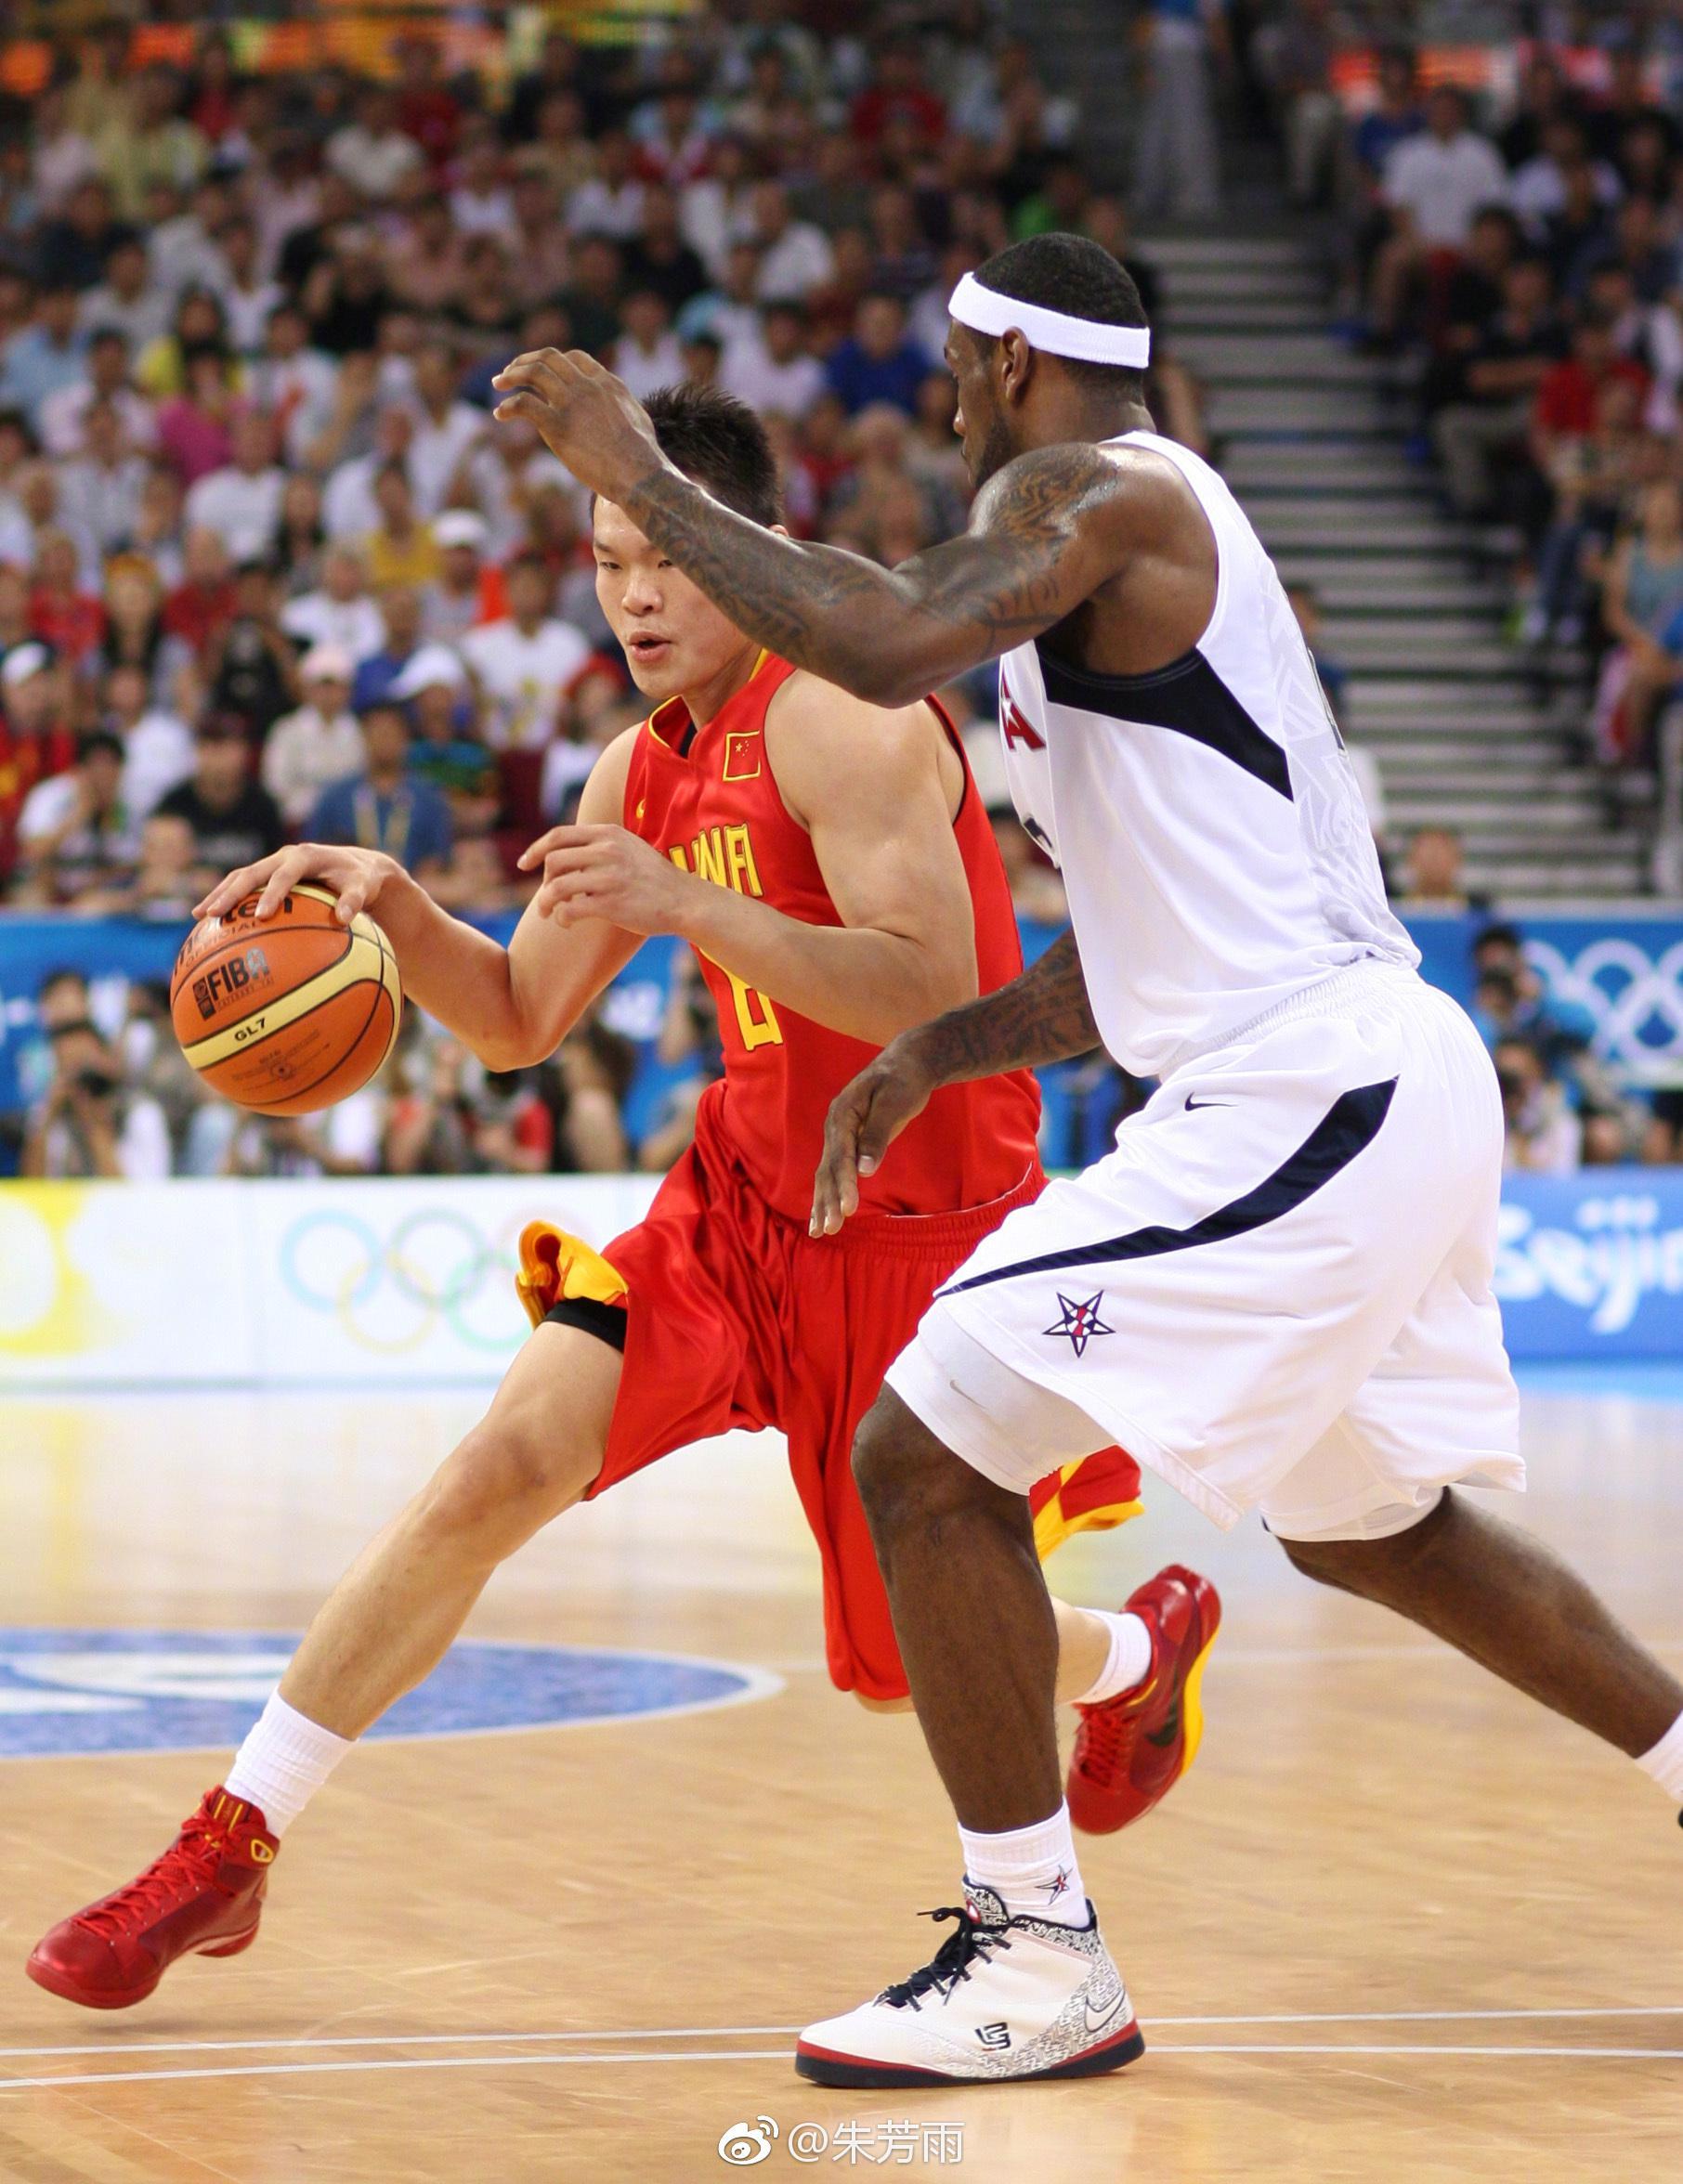 朱8:仍在为篮球燃烧热情 我是幸运的也是幸福的